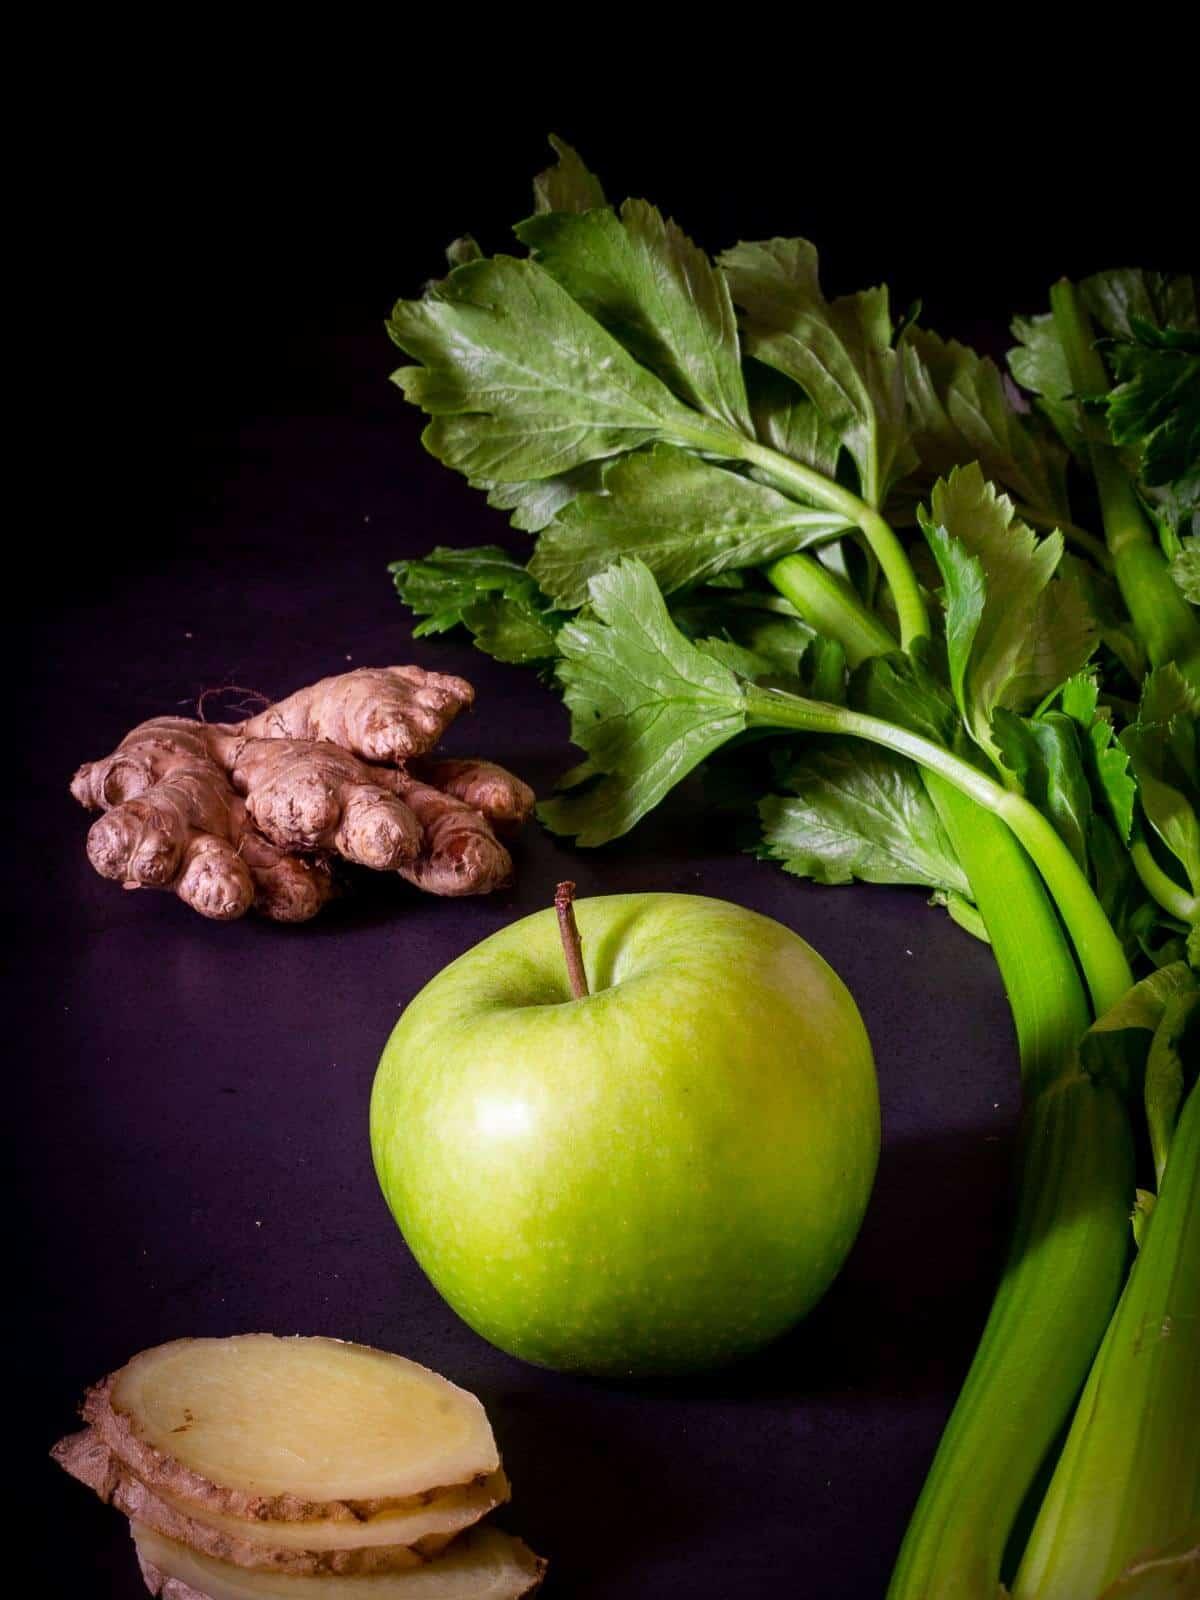 Morning Celery Juice Ingredients